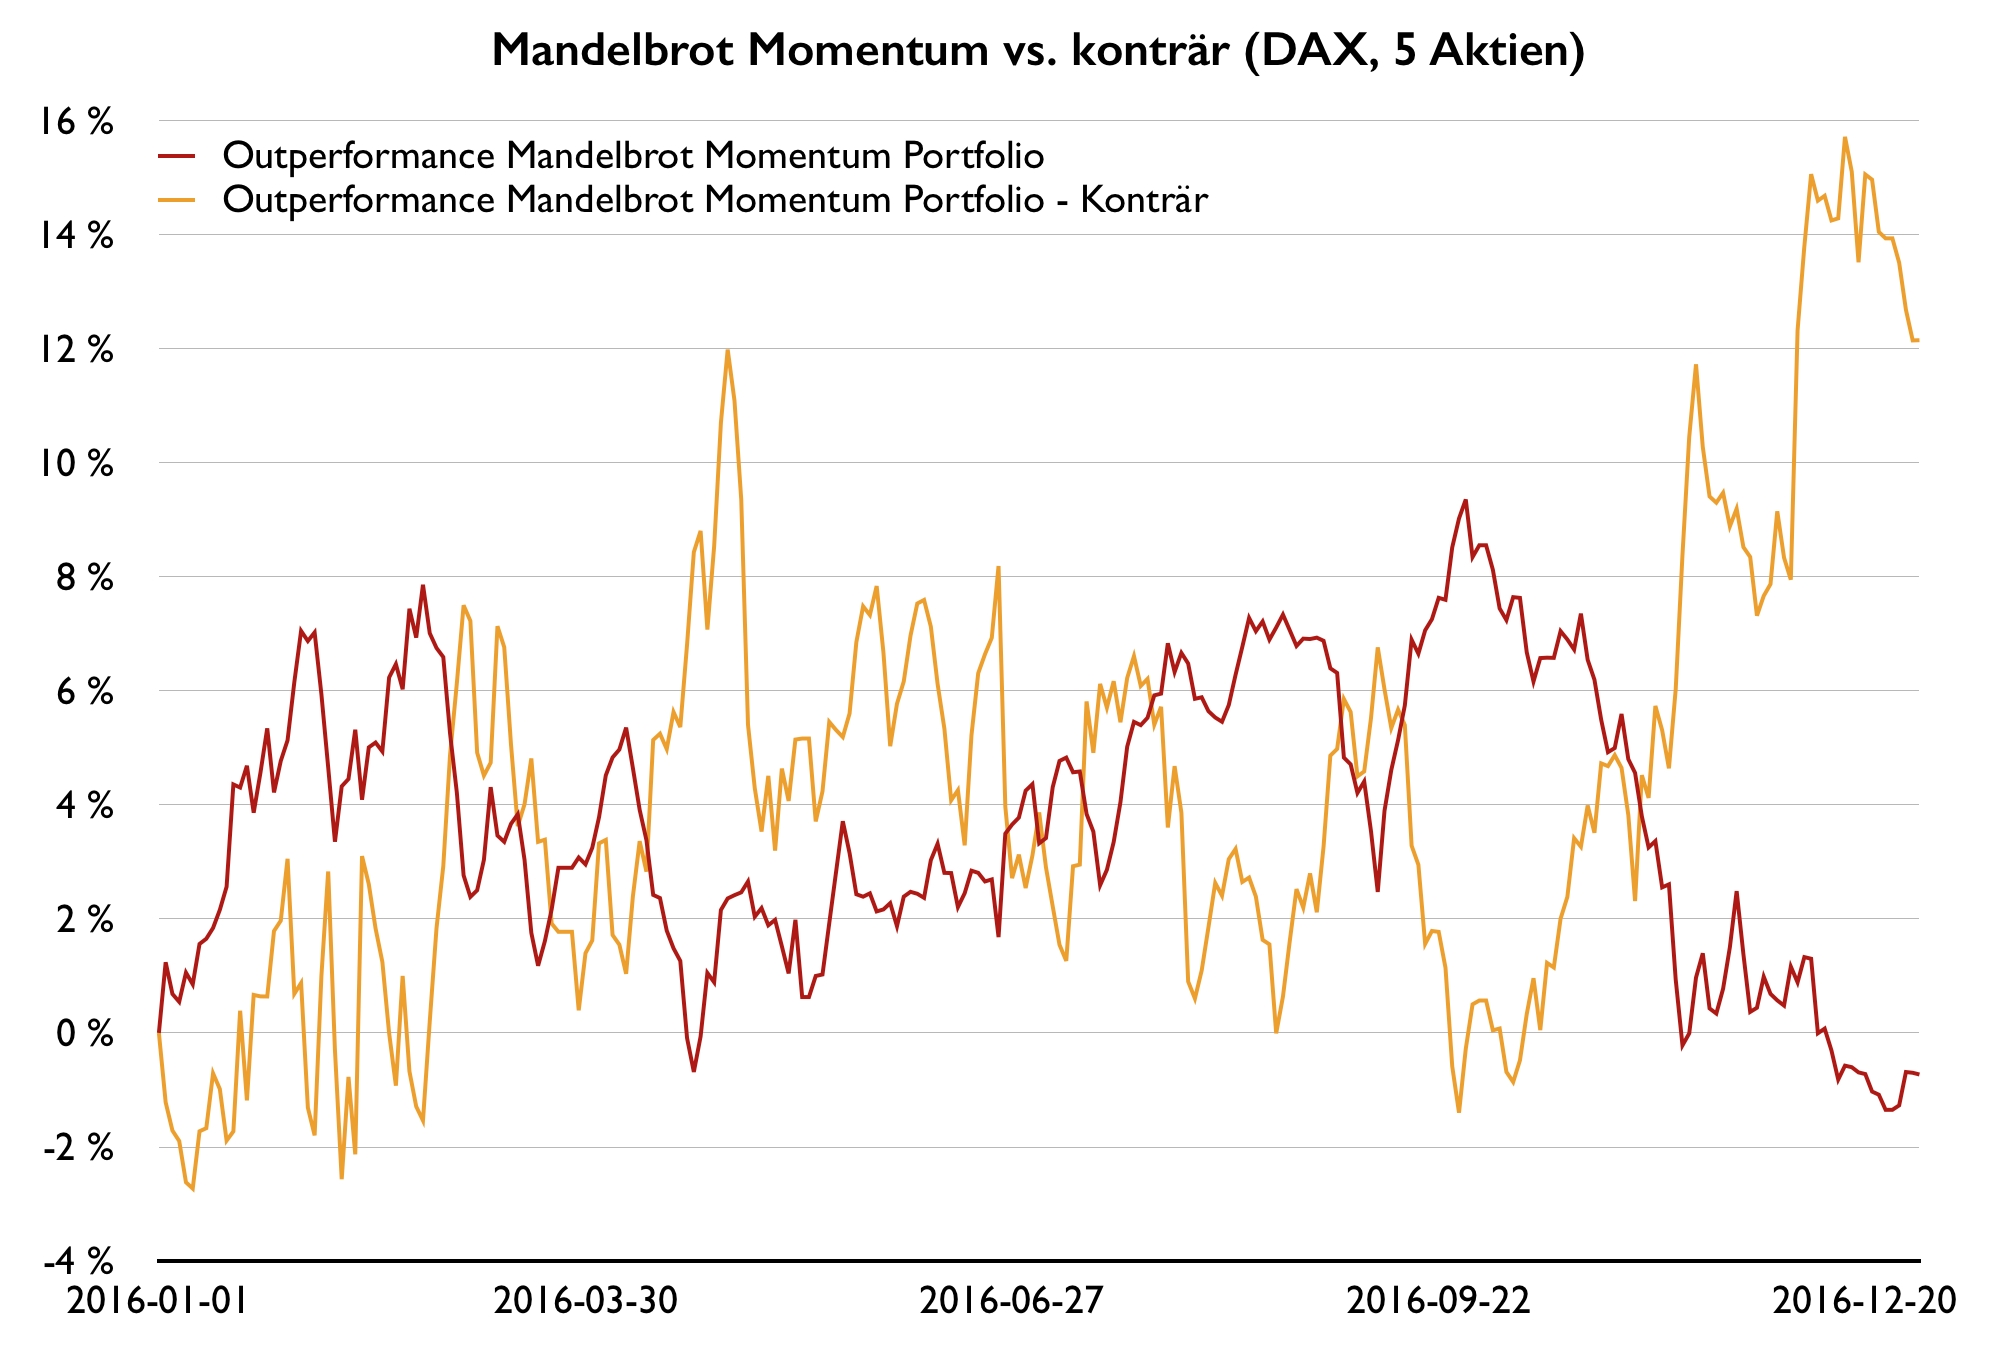 Höhere-Renditen-mit-Momentum-Strategien-Kommentar-Wilhelm-Berghorn-GodmodeTrader.de-2